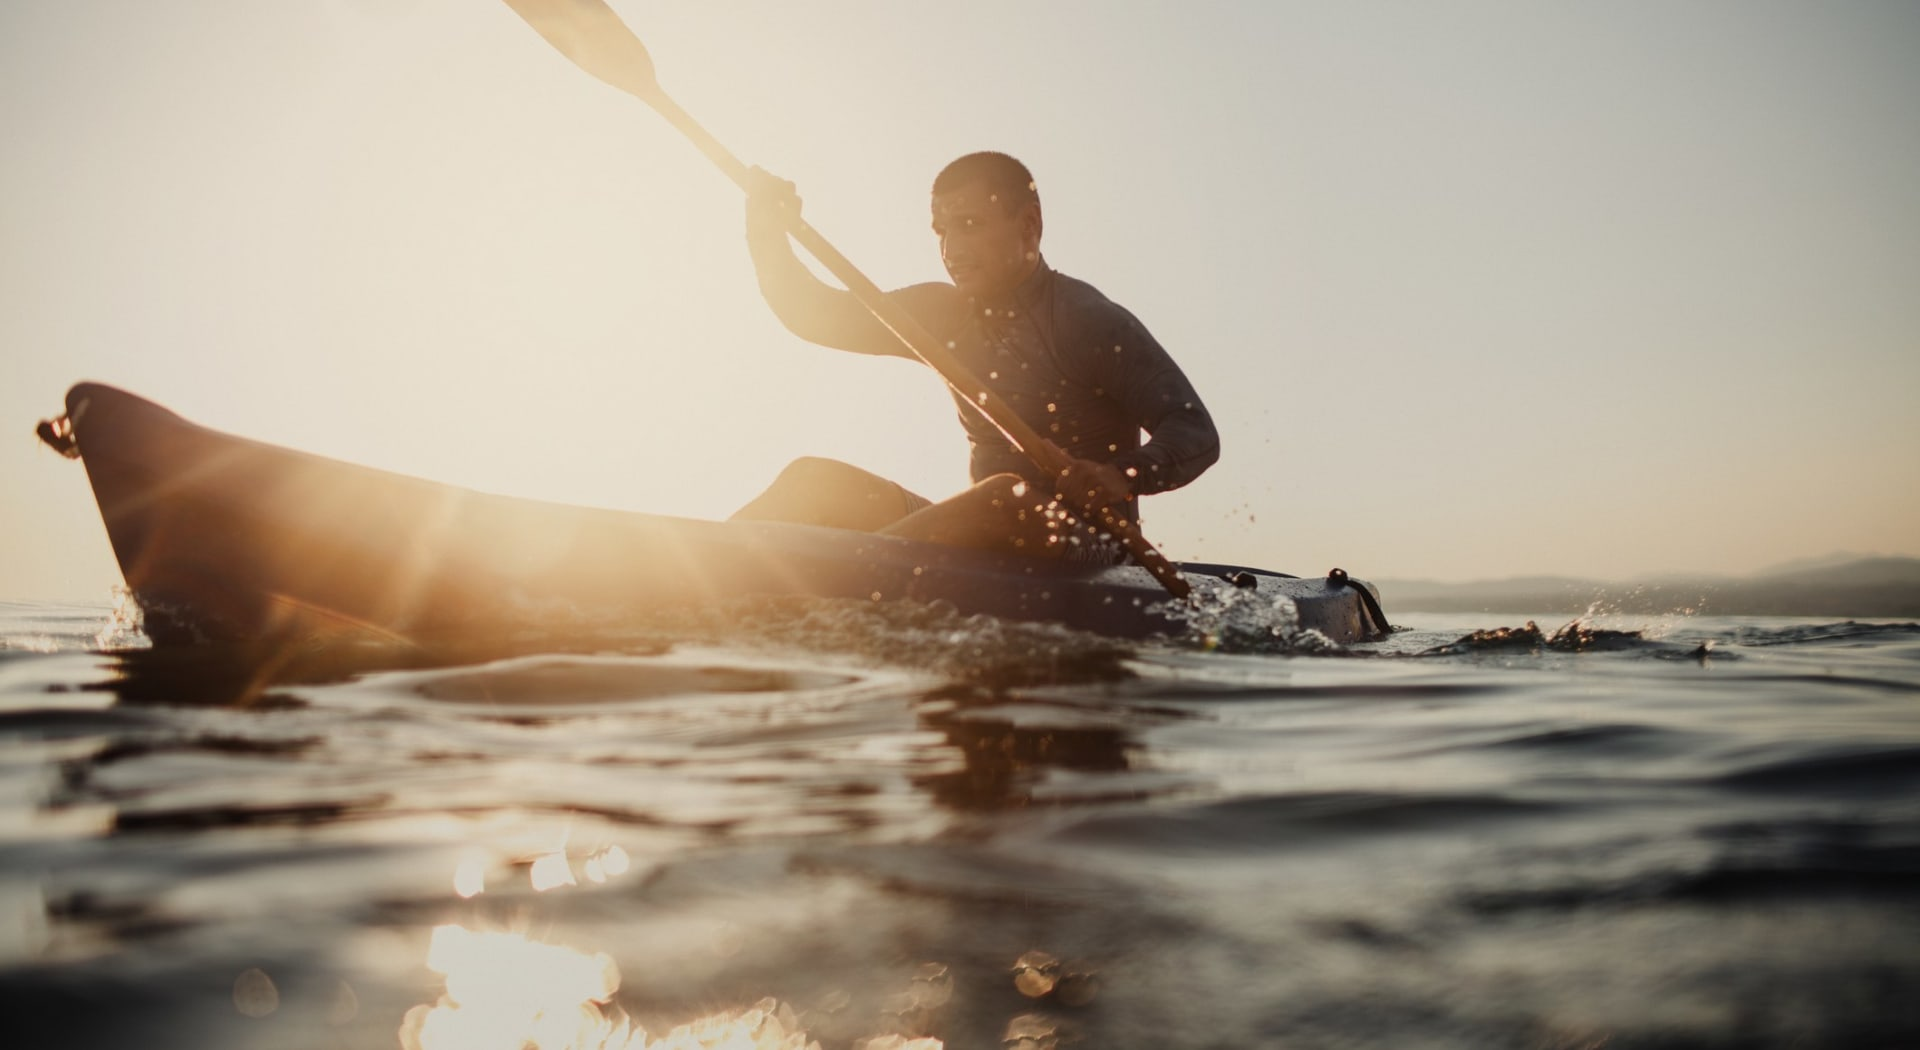 Meld deg inn i Nøklevann Padle og roklubb å ha fri tilgang til utstyr for en dag på vannet